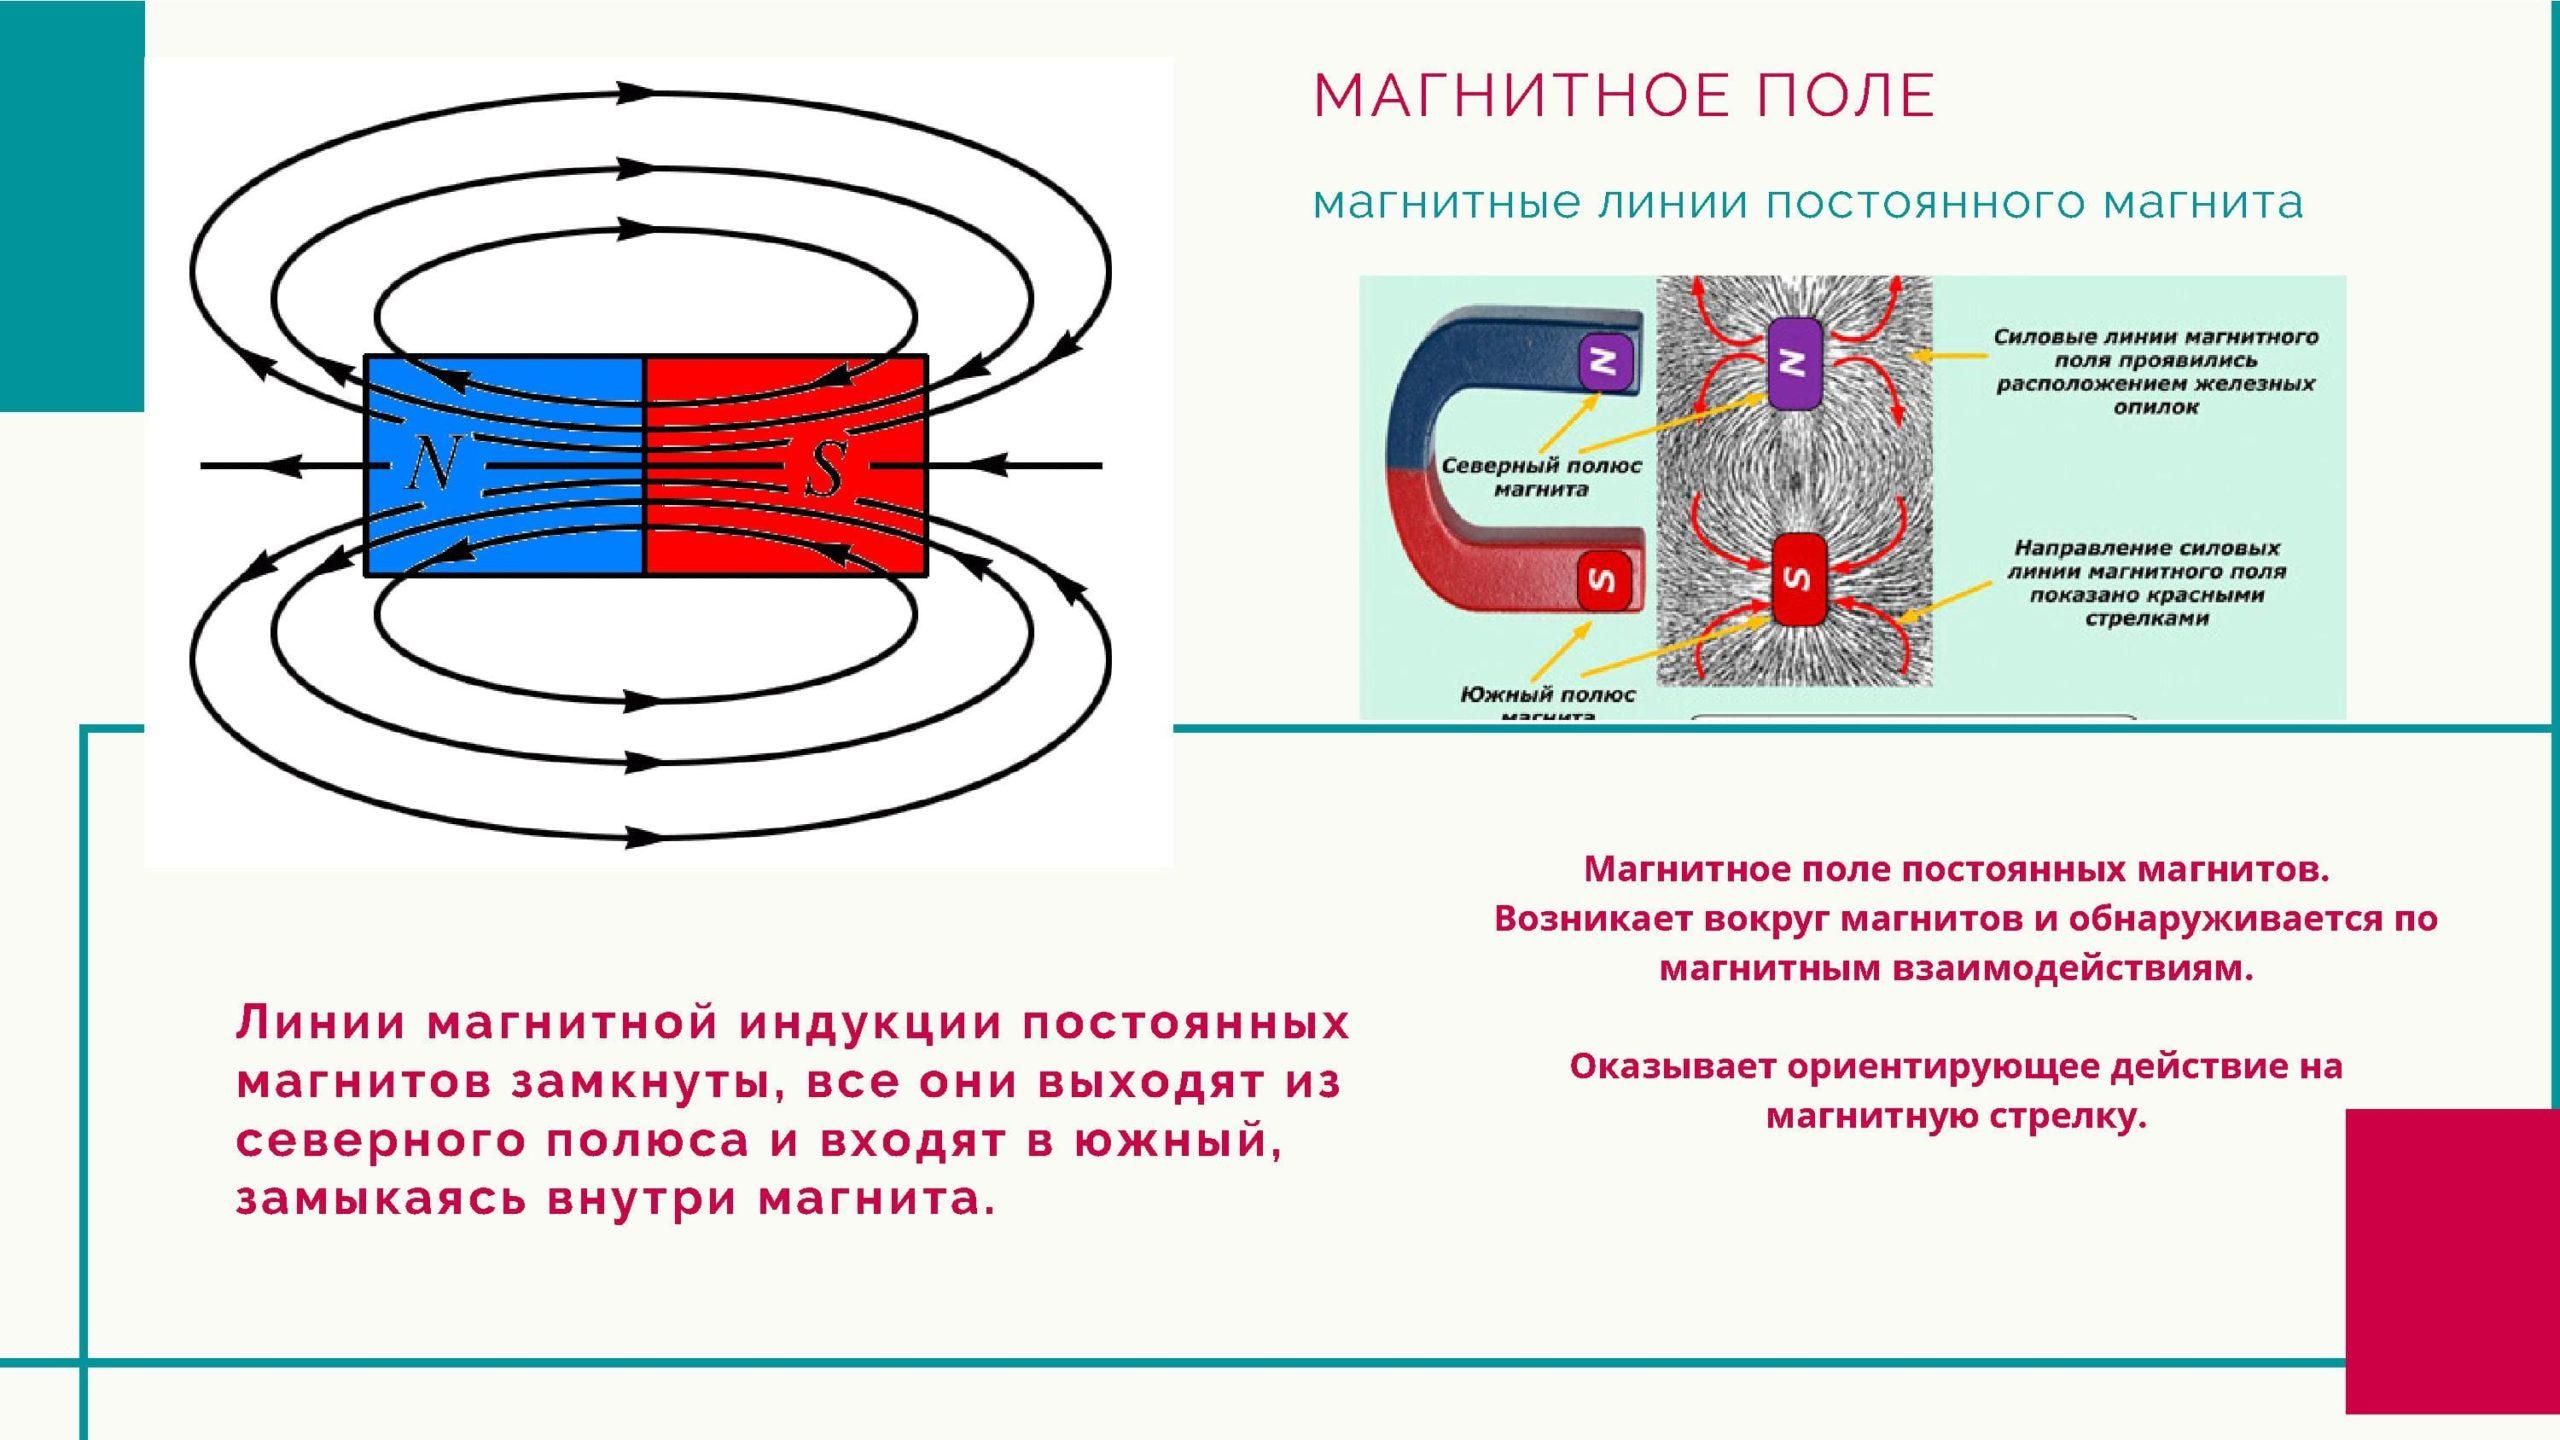 Магнитное поле. Магнитные линии постоянного магнита